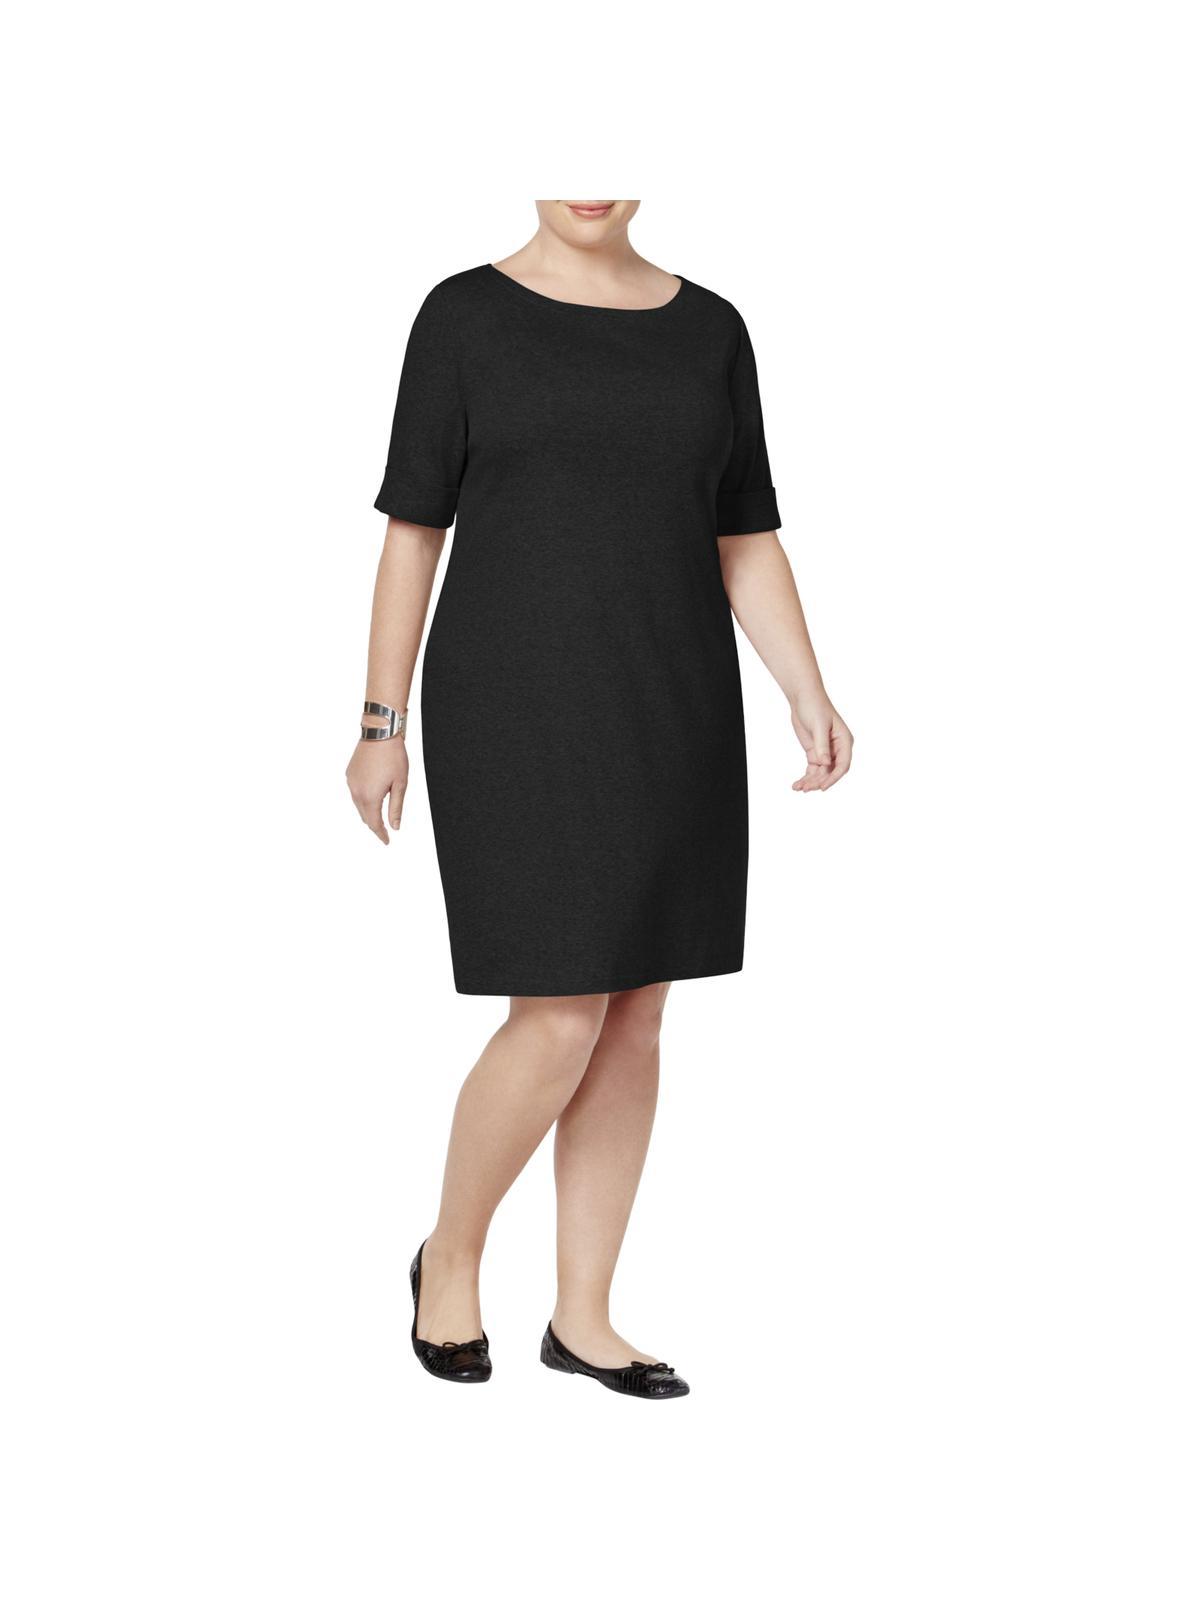 Karen Scott Karen Scott Womens Plus Black Knee Length T Shirt